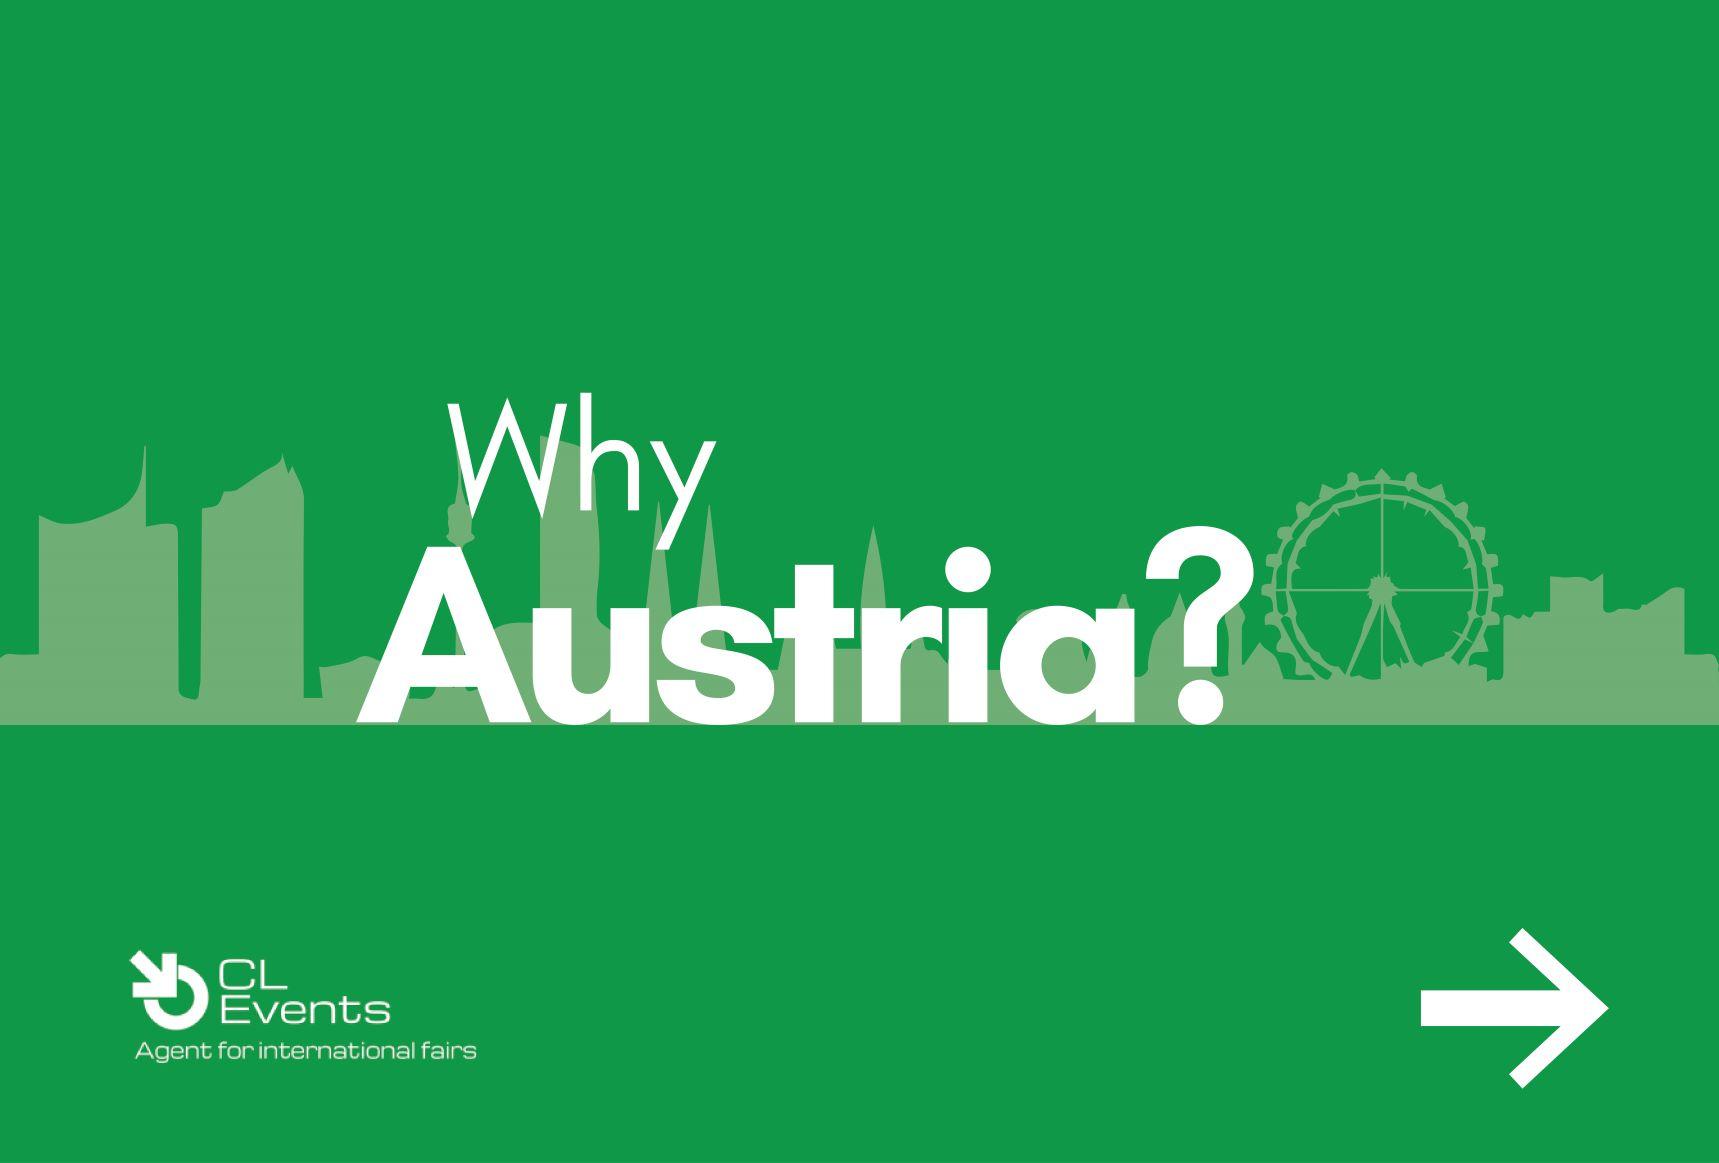 Esportare in Austria: guida per le aziende italiane dei settori arredo, design, illuminazione, giardino e vivere sostenibile